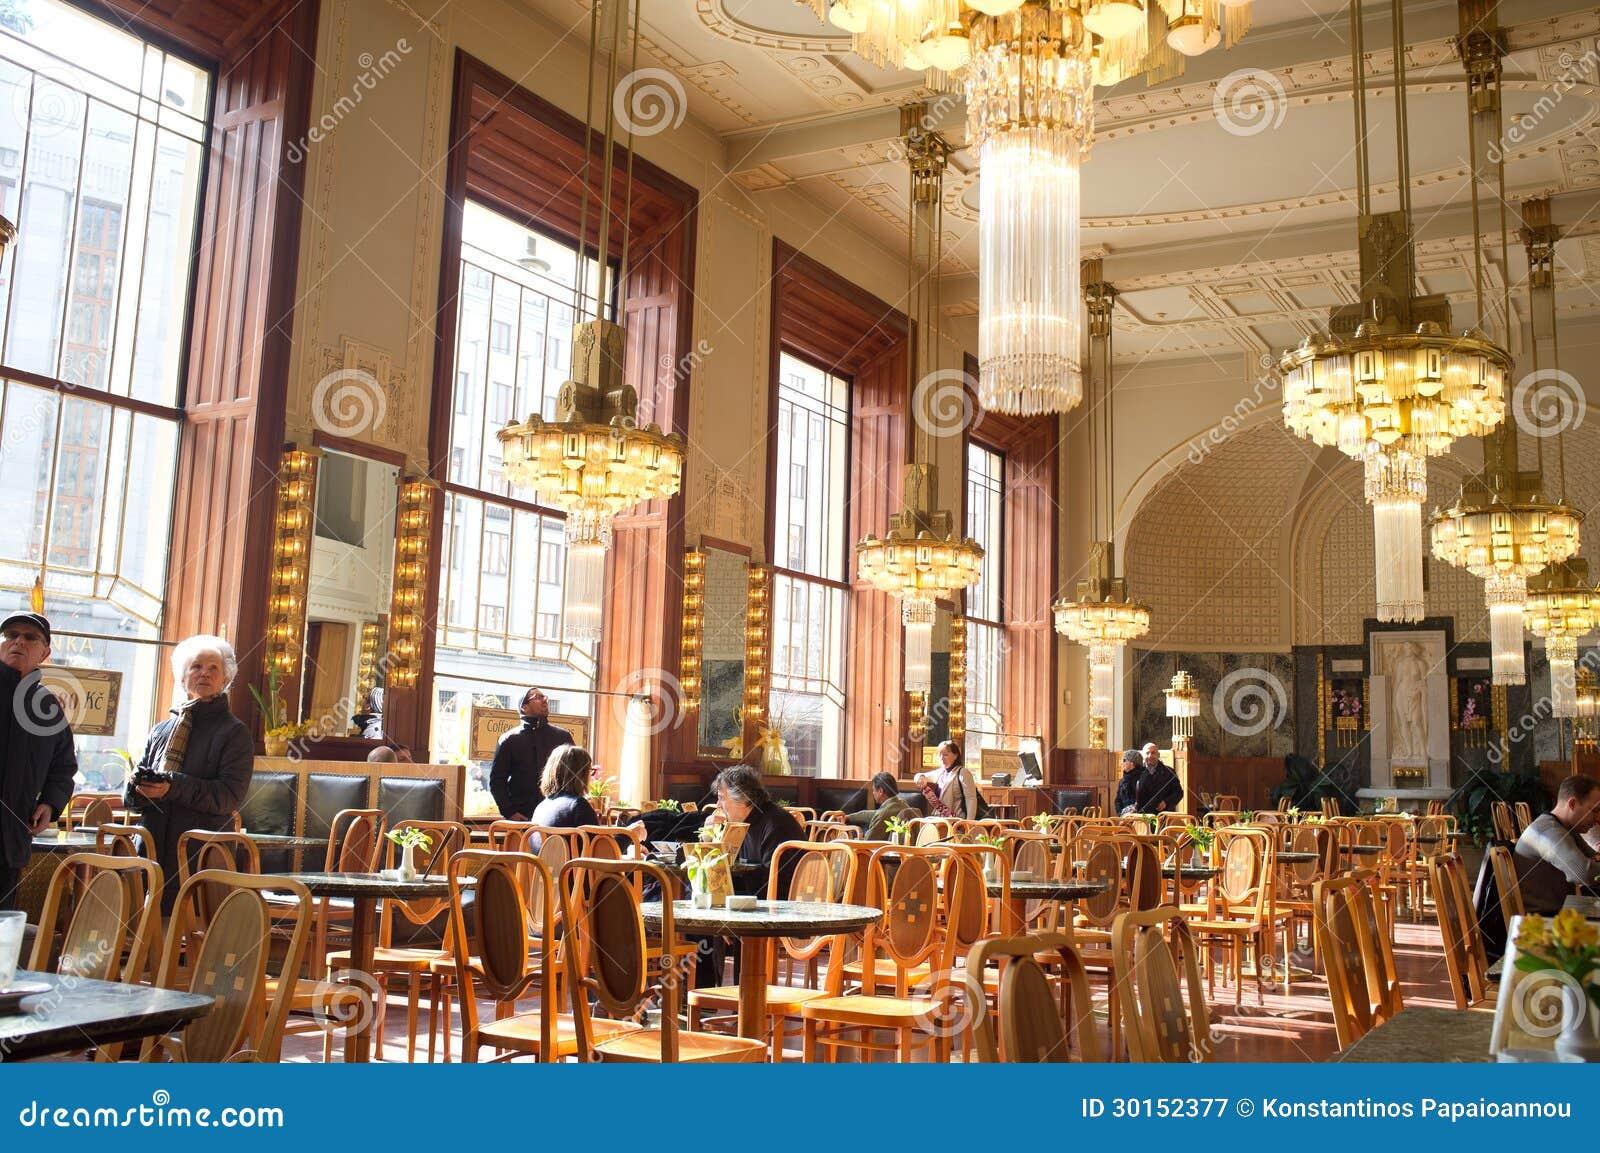 Het gemeentelijke huis in praag redactionele fotografie afbeelding 30152377 - Koffiebar decoratie ...